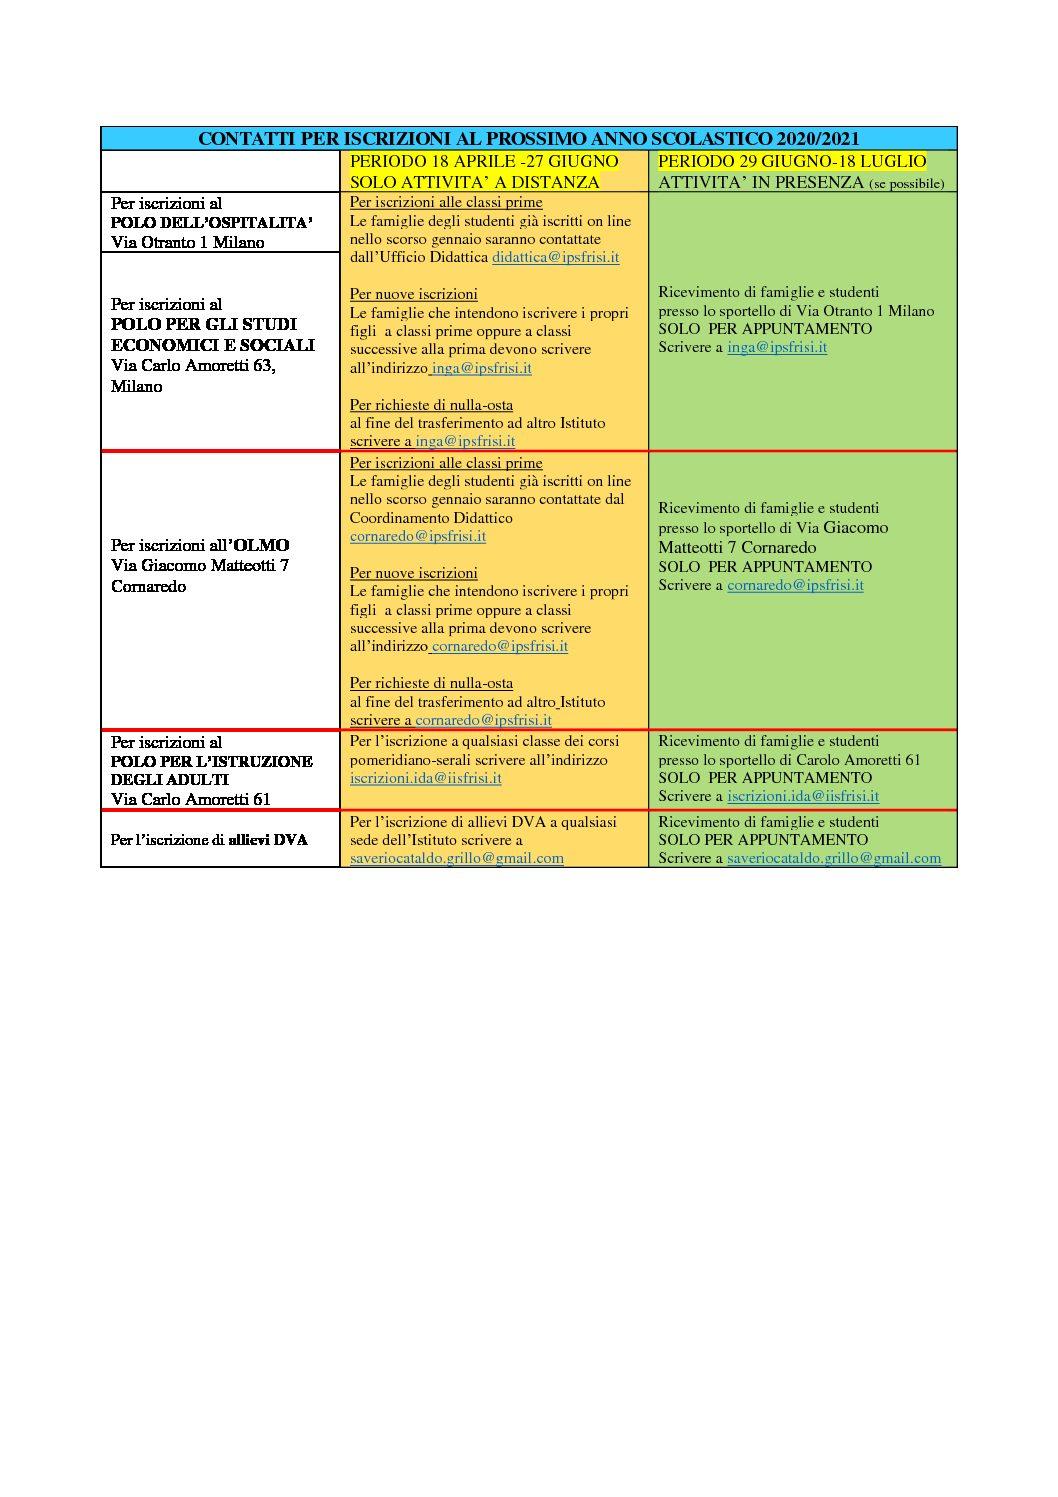 CIRCOLARE N. 276 – 18 APRILE 2020 – ISCRIZIONI ALL'ANNO SCOLASTICO 2020/2021